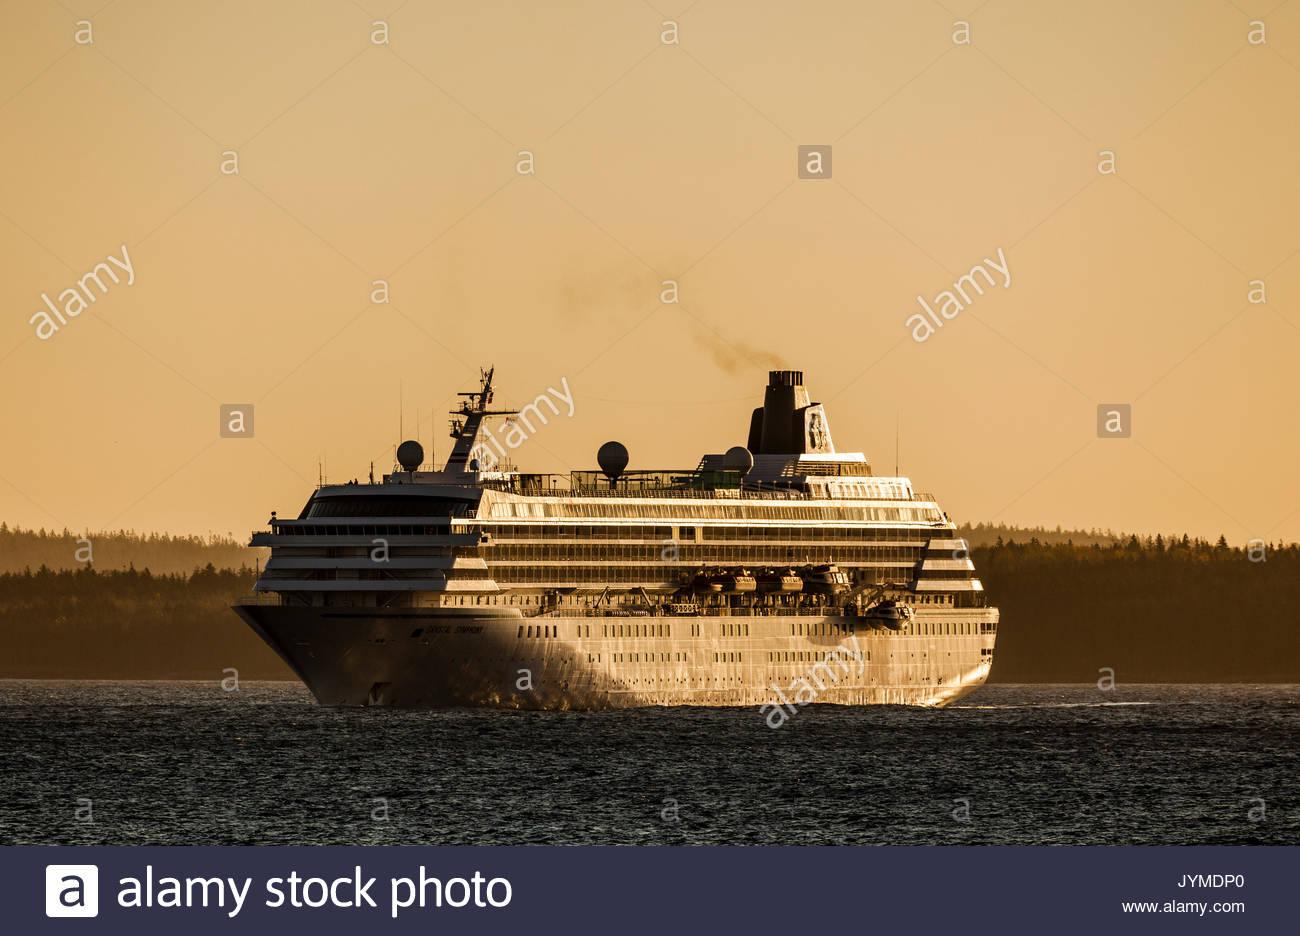 Cruise Ship Bar Harbor Maine USA Stock Photo Royalty Free Image - Cruise ship bar harbor